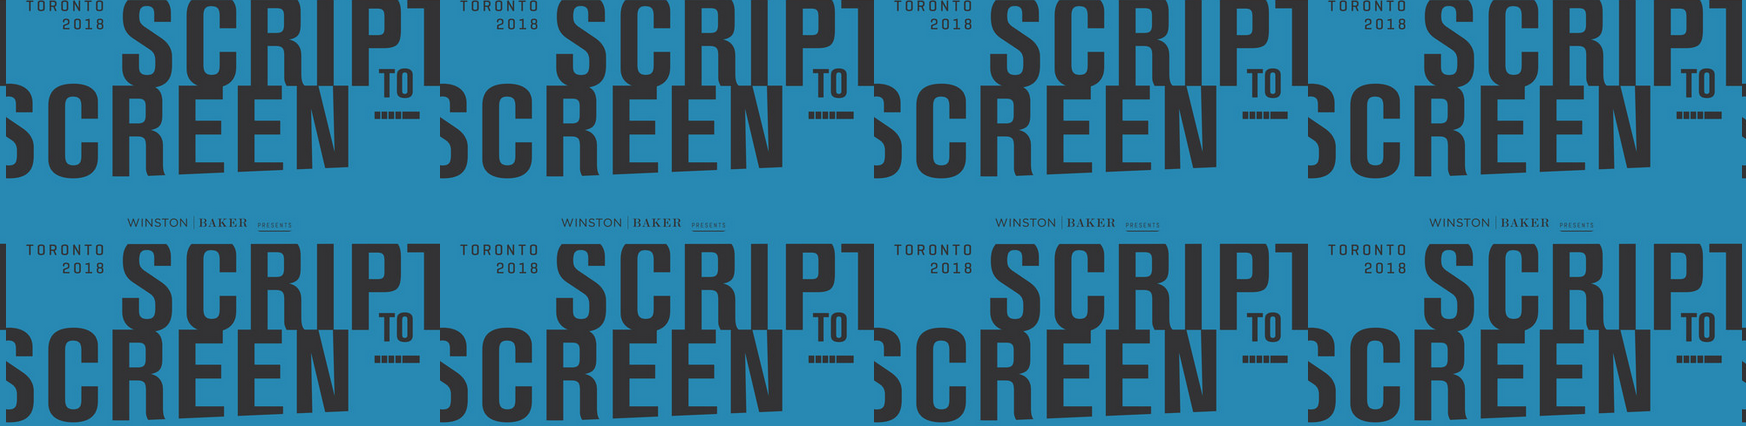 Script to Screen Summit 2018